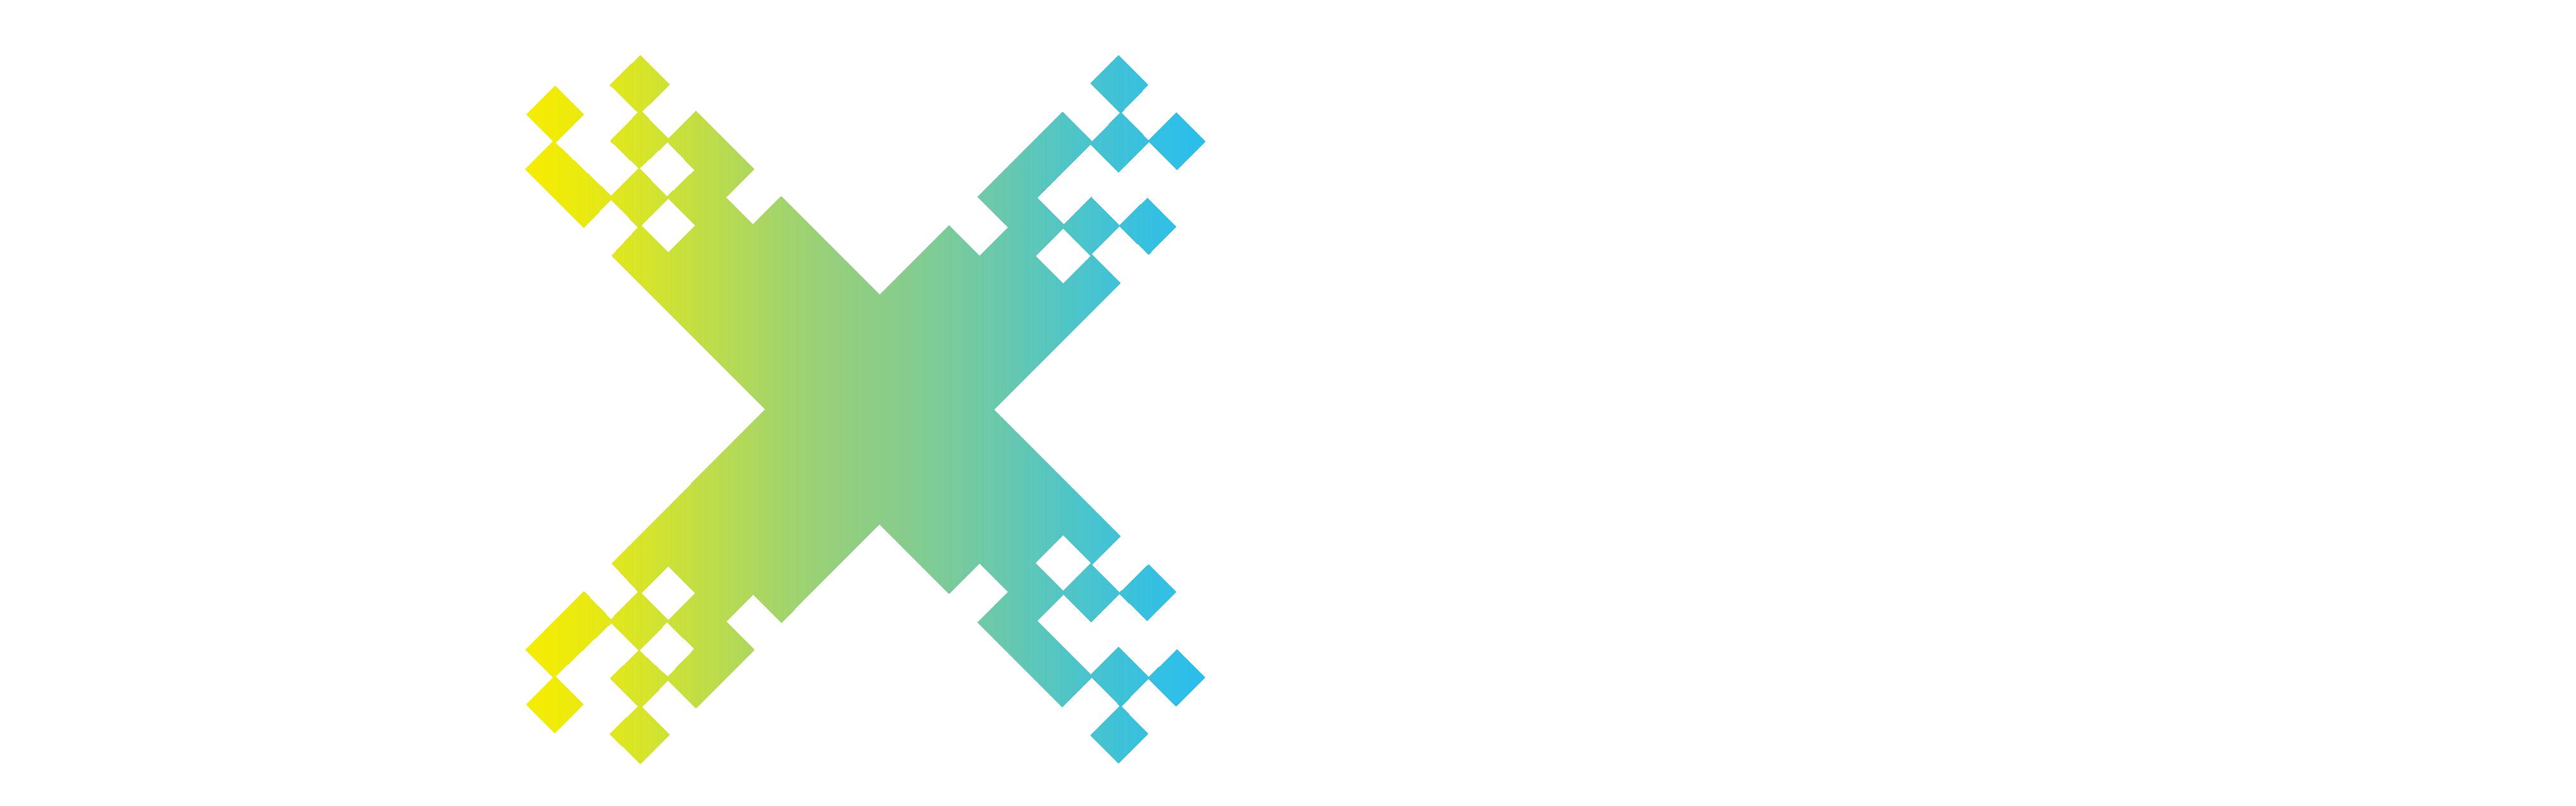 pixelize logo white